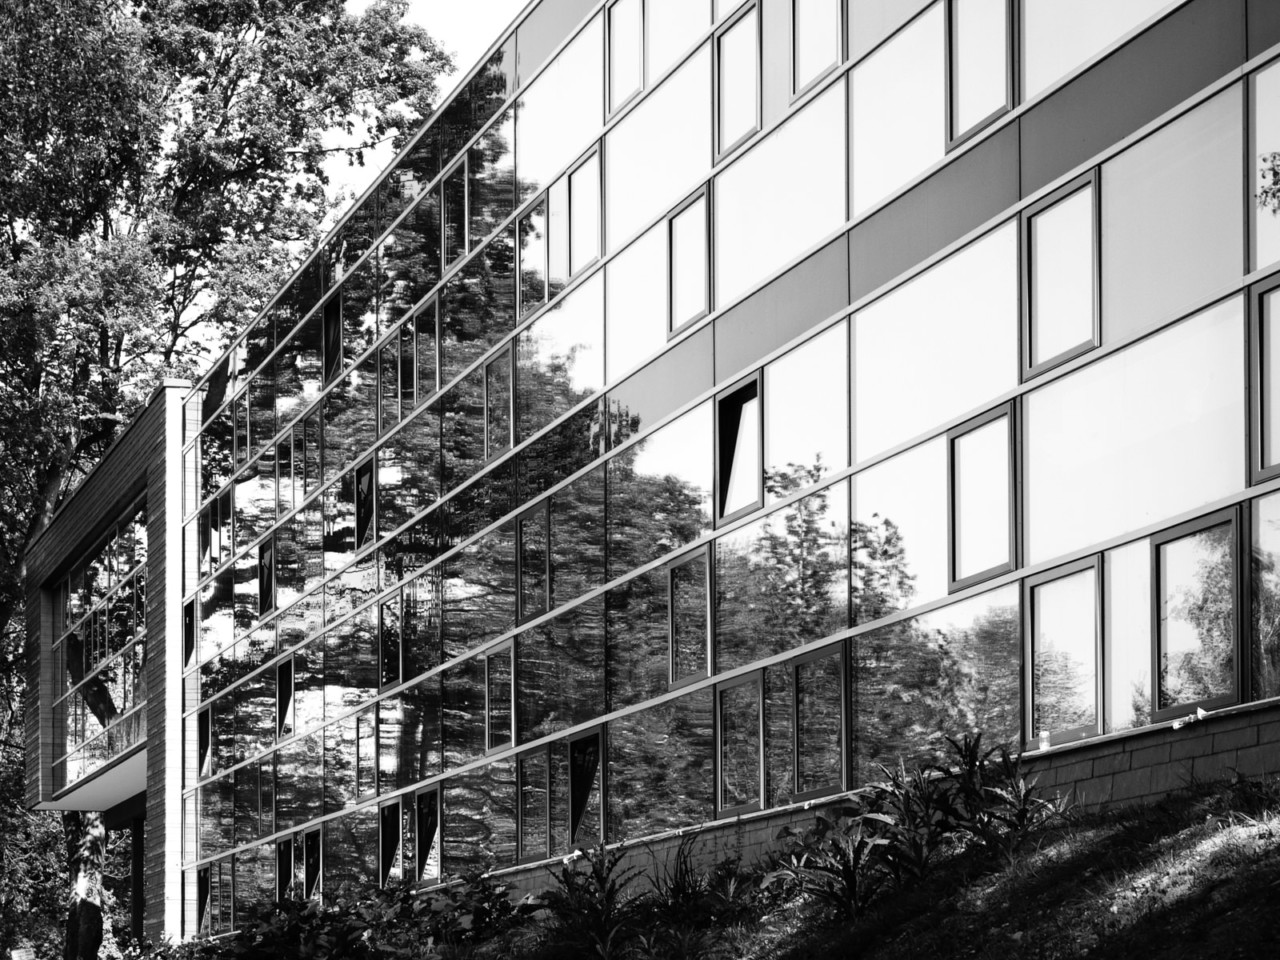 Hildebrand + Schwarz Architekten, Friedrichshafen Tannenhagschule Friedrichshafen ↗